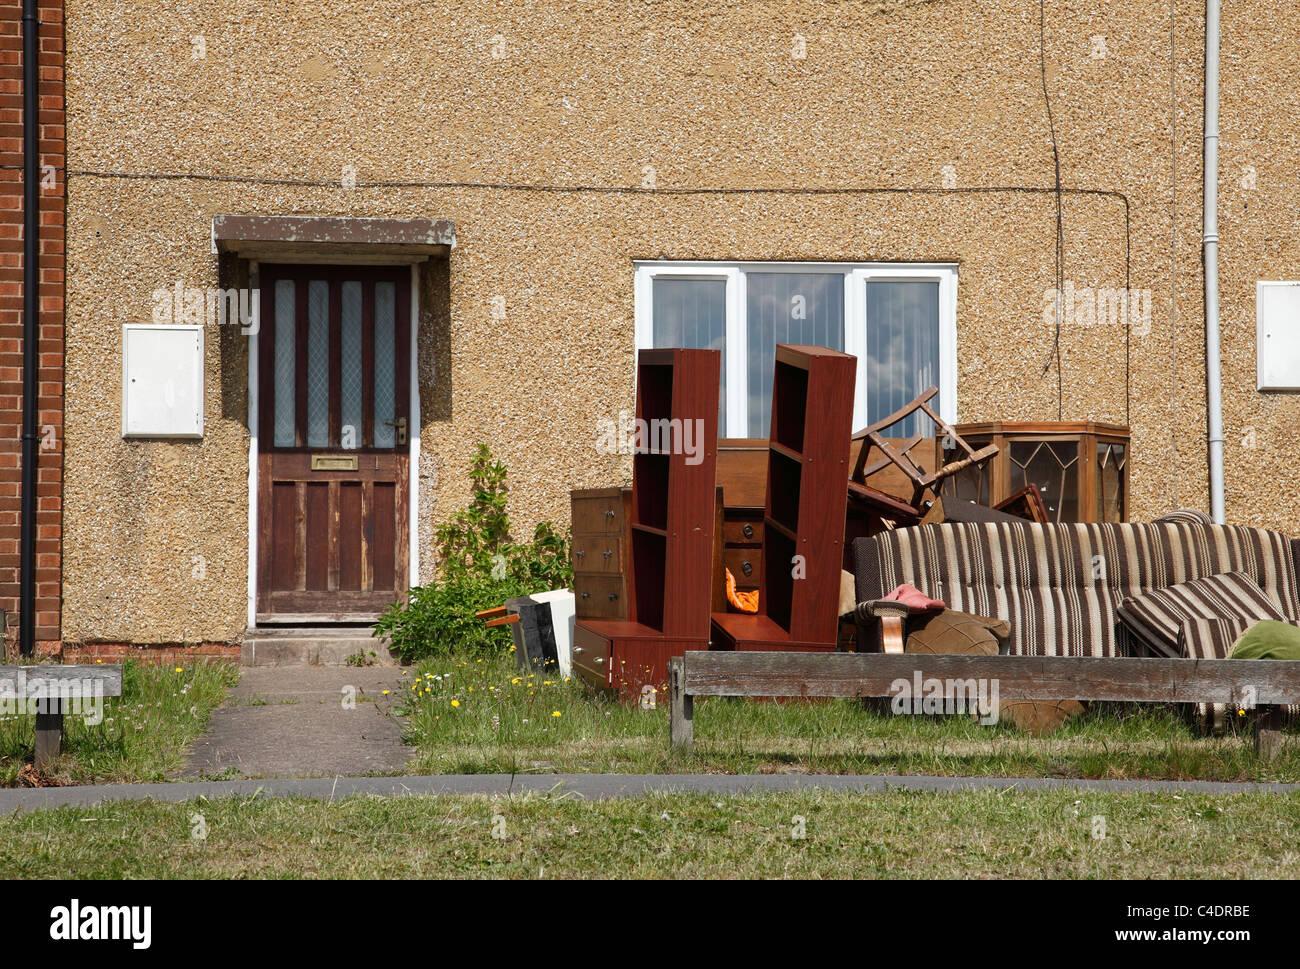 Mobili antichi lasciati al di fuori di una casa a Nottingham, Inghilterra, Regno Unito Immagini Stock